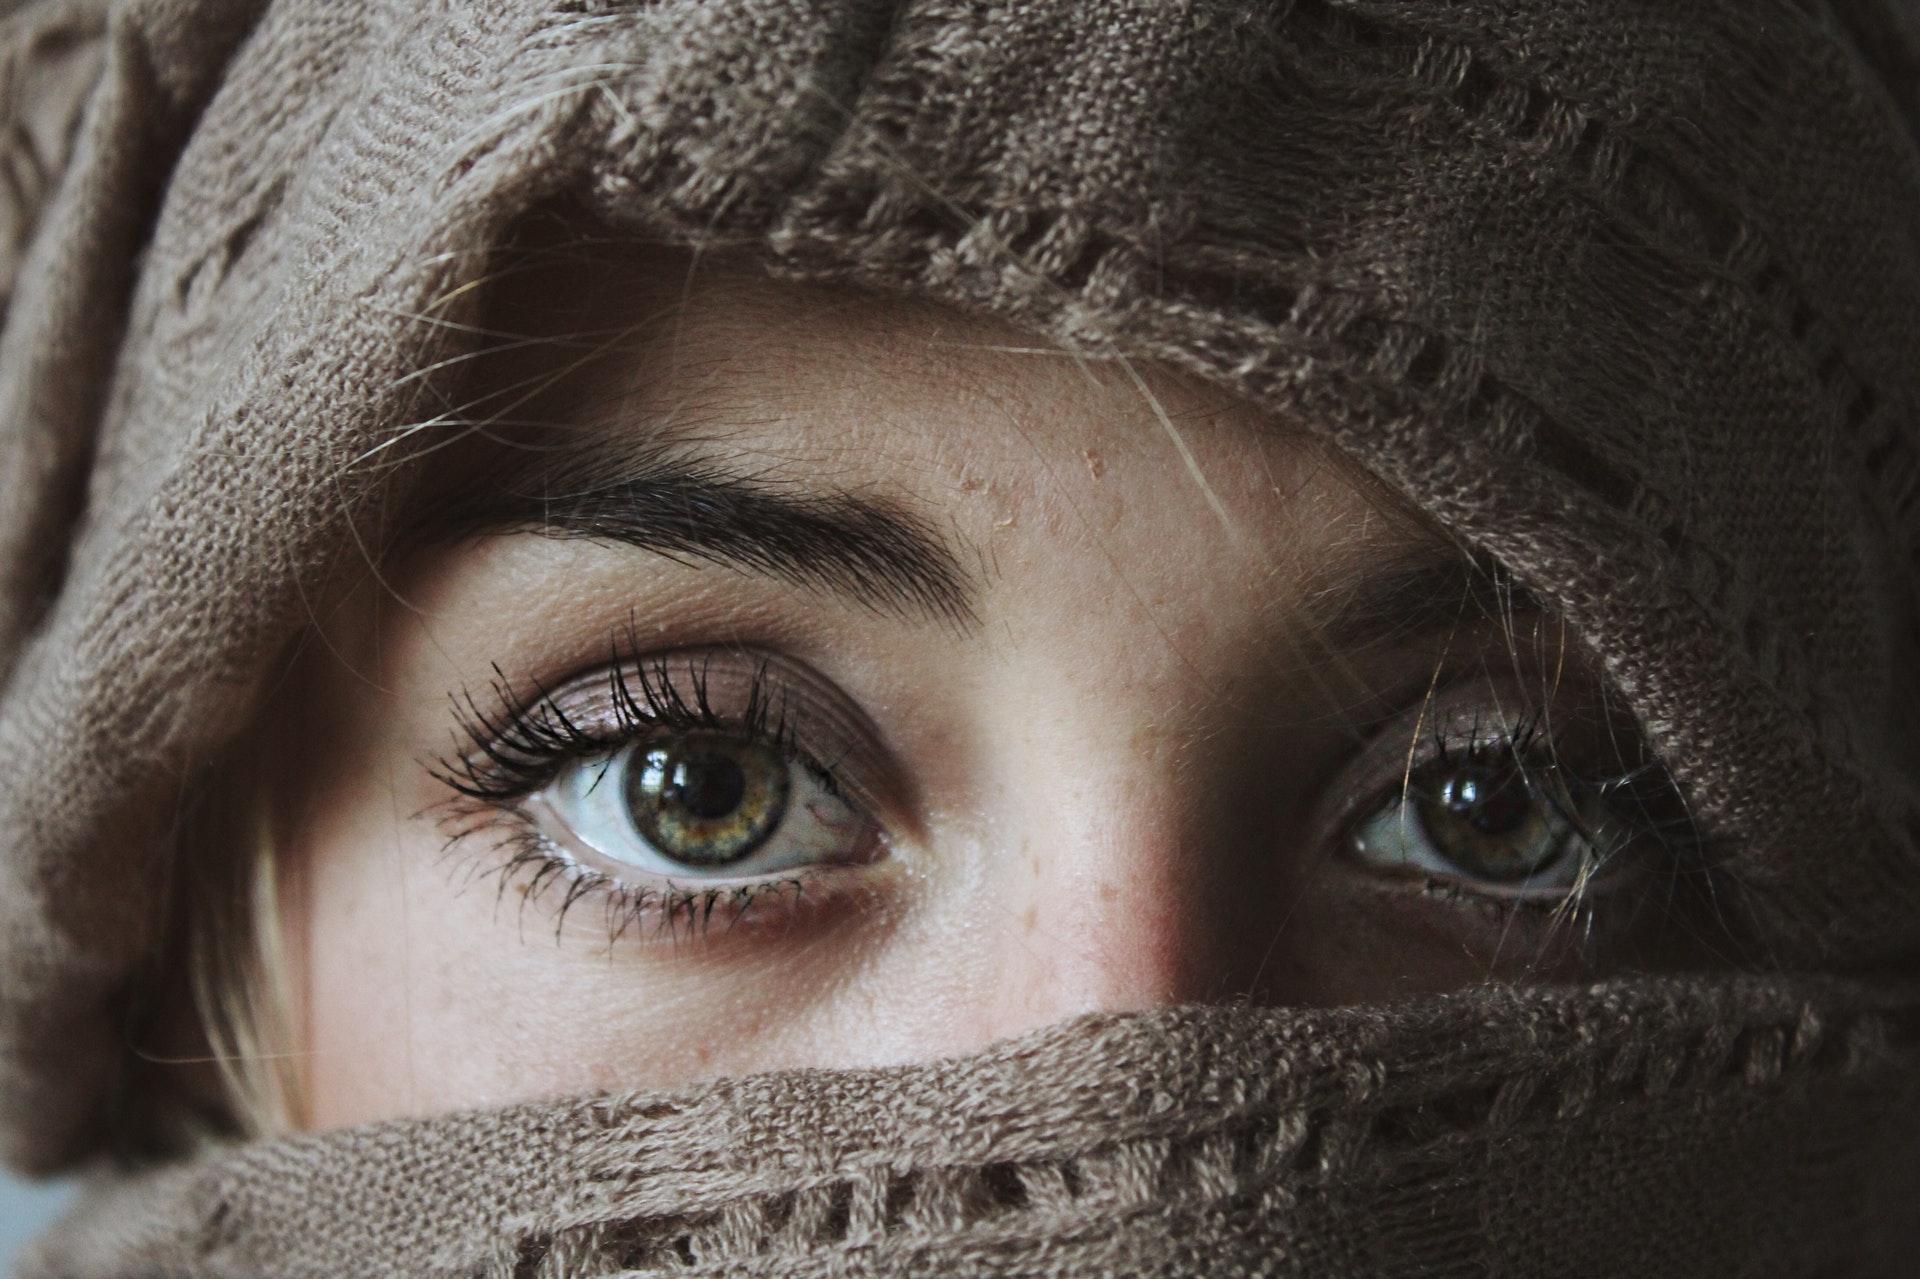 Дефицит витамина D в организме можно диагностировать по глазам